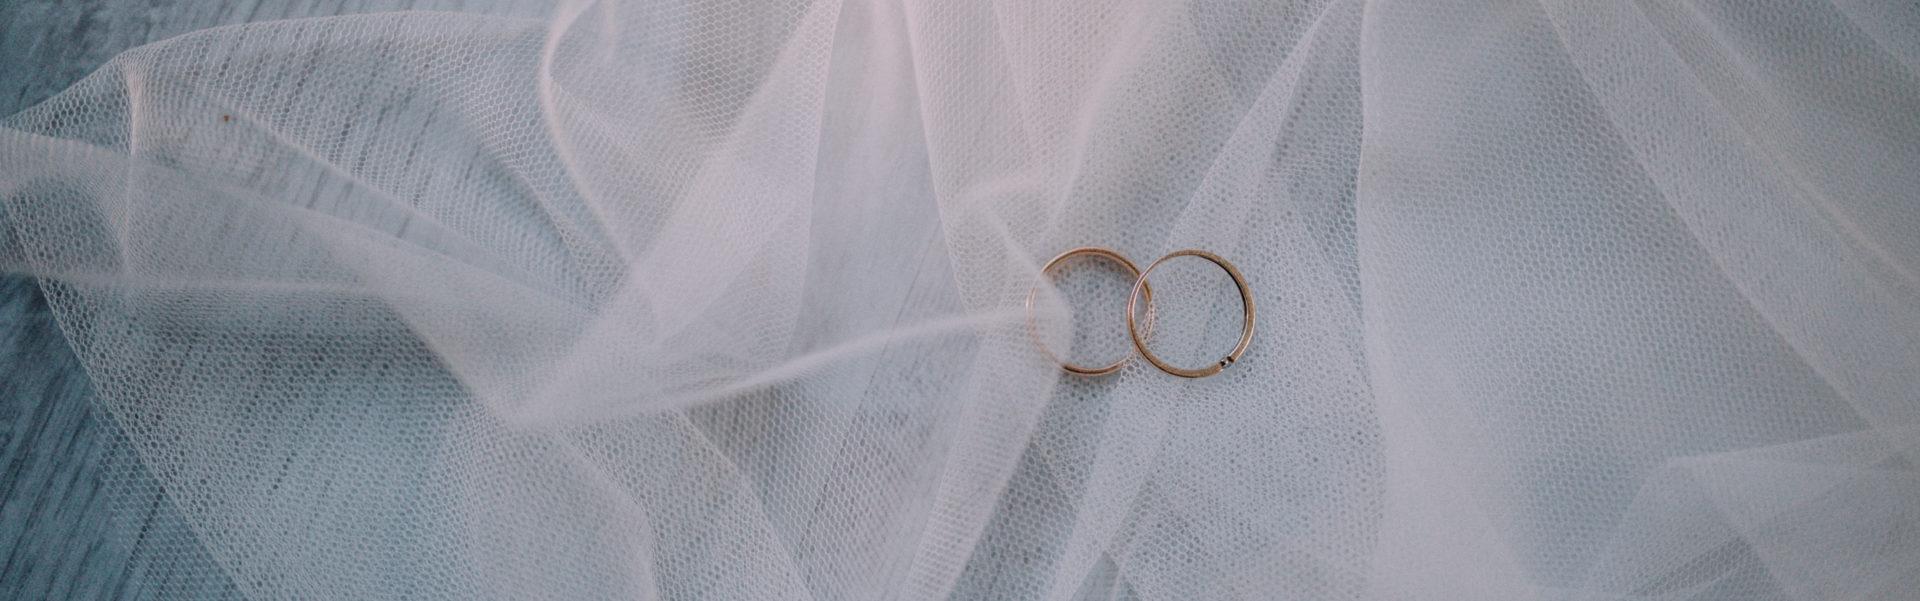 Hochzeitsfotograf Bünde | Bielefeld | Detmold | Paderborn